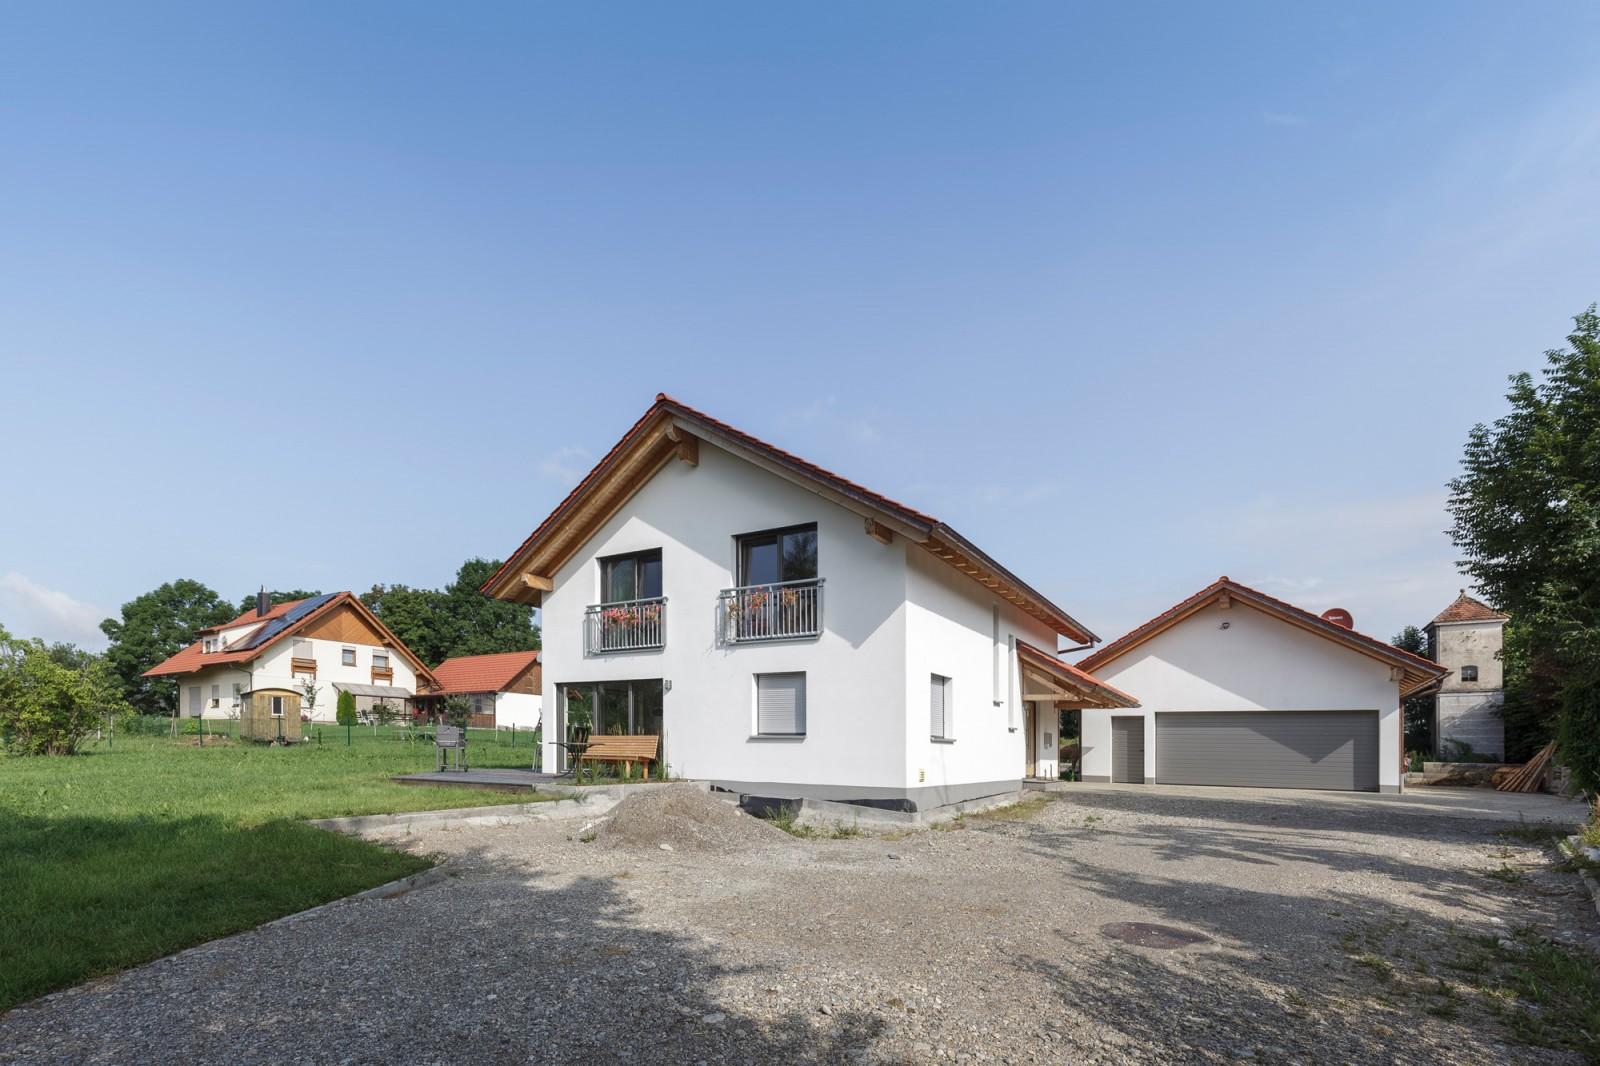 Zimmerei Karrer aus Woringen fertigt MHM-Häuser